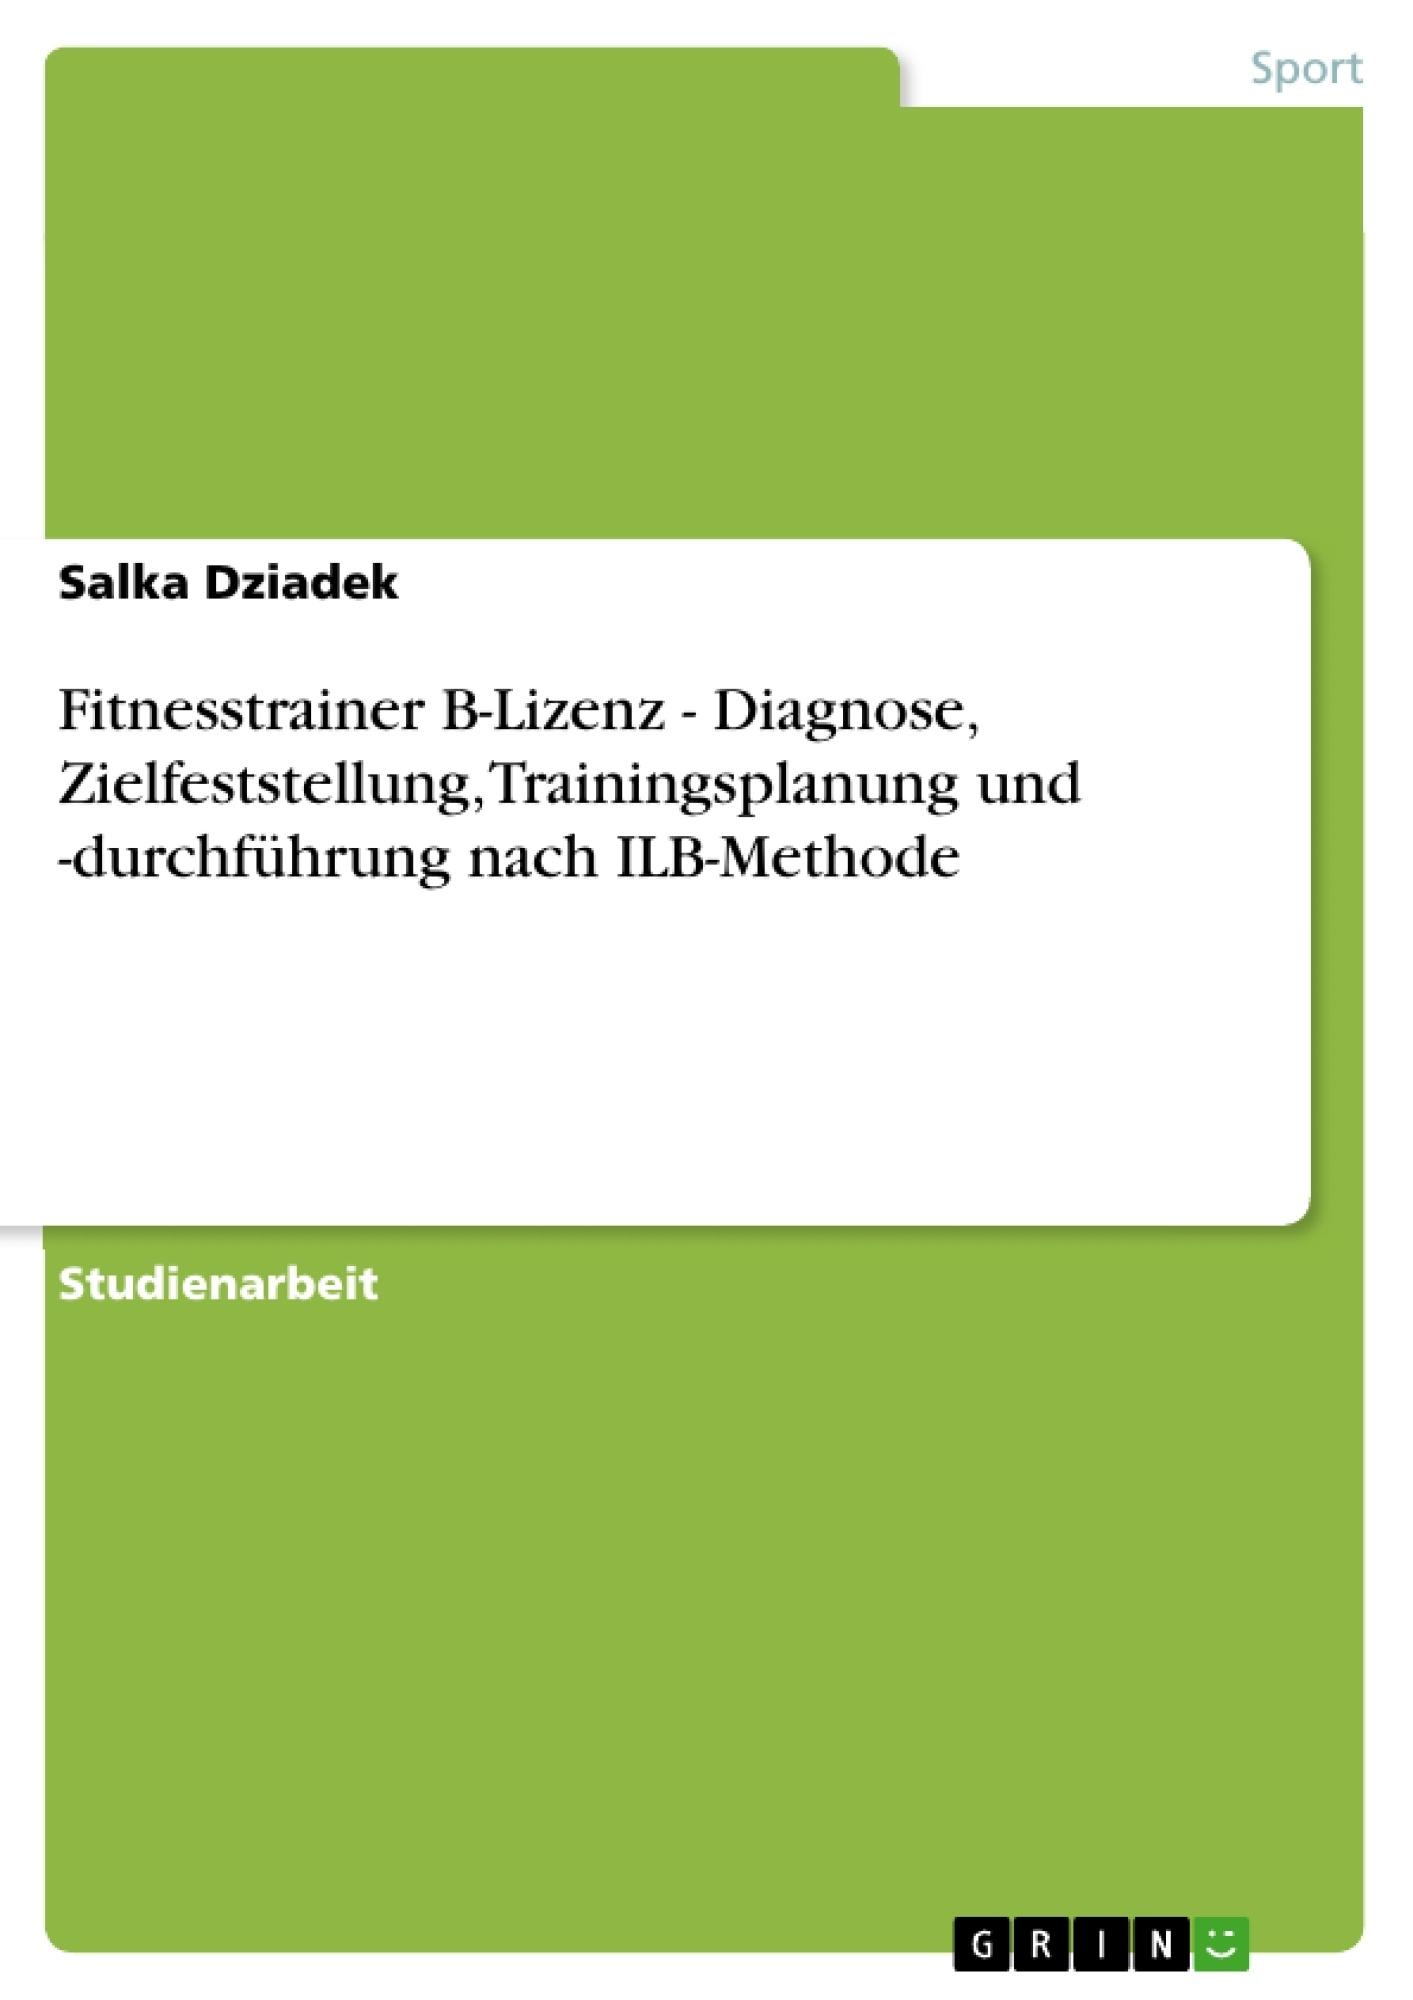 Titel: Fitnesstrainer B-Lizenz - Diagnose, Zielfeststellung, Trainingsplanung und -durchführung nach ILB-Methode